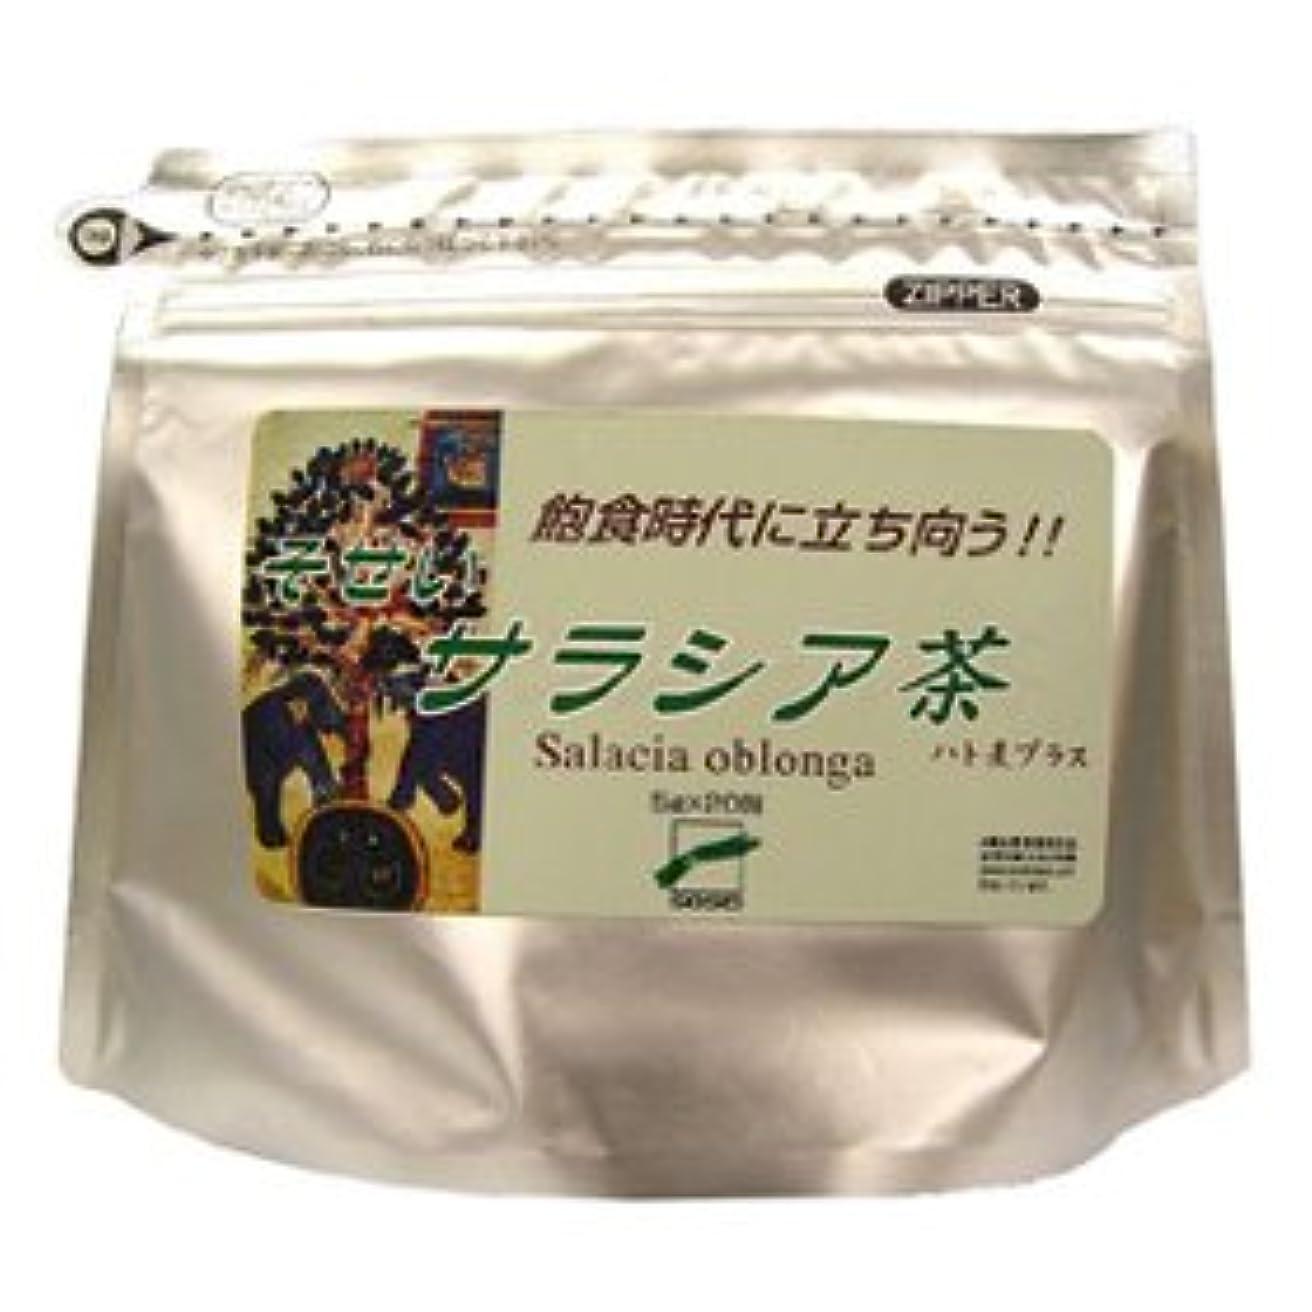 トングローバル思い出させるそせい サラシア茶 1袋